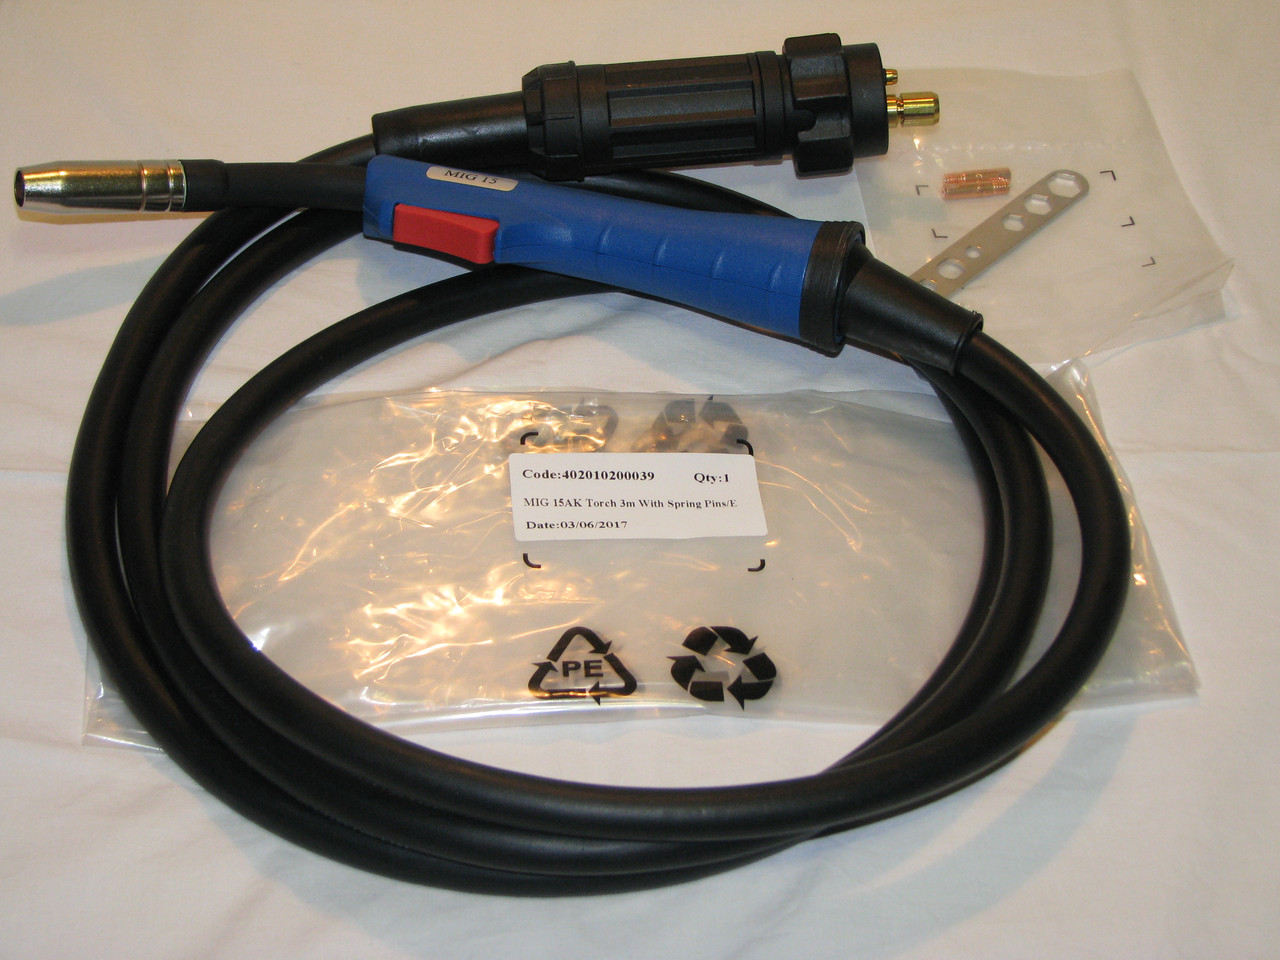 Сварочный рукав MIG 15AK ( Еврорукав ,горелка ) для полуавтомата